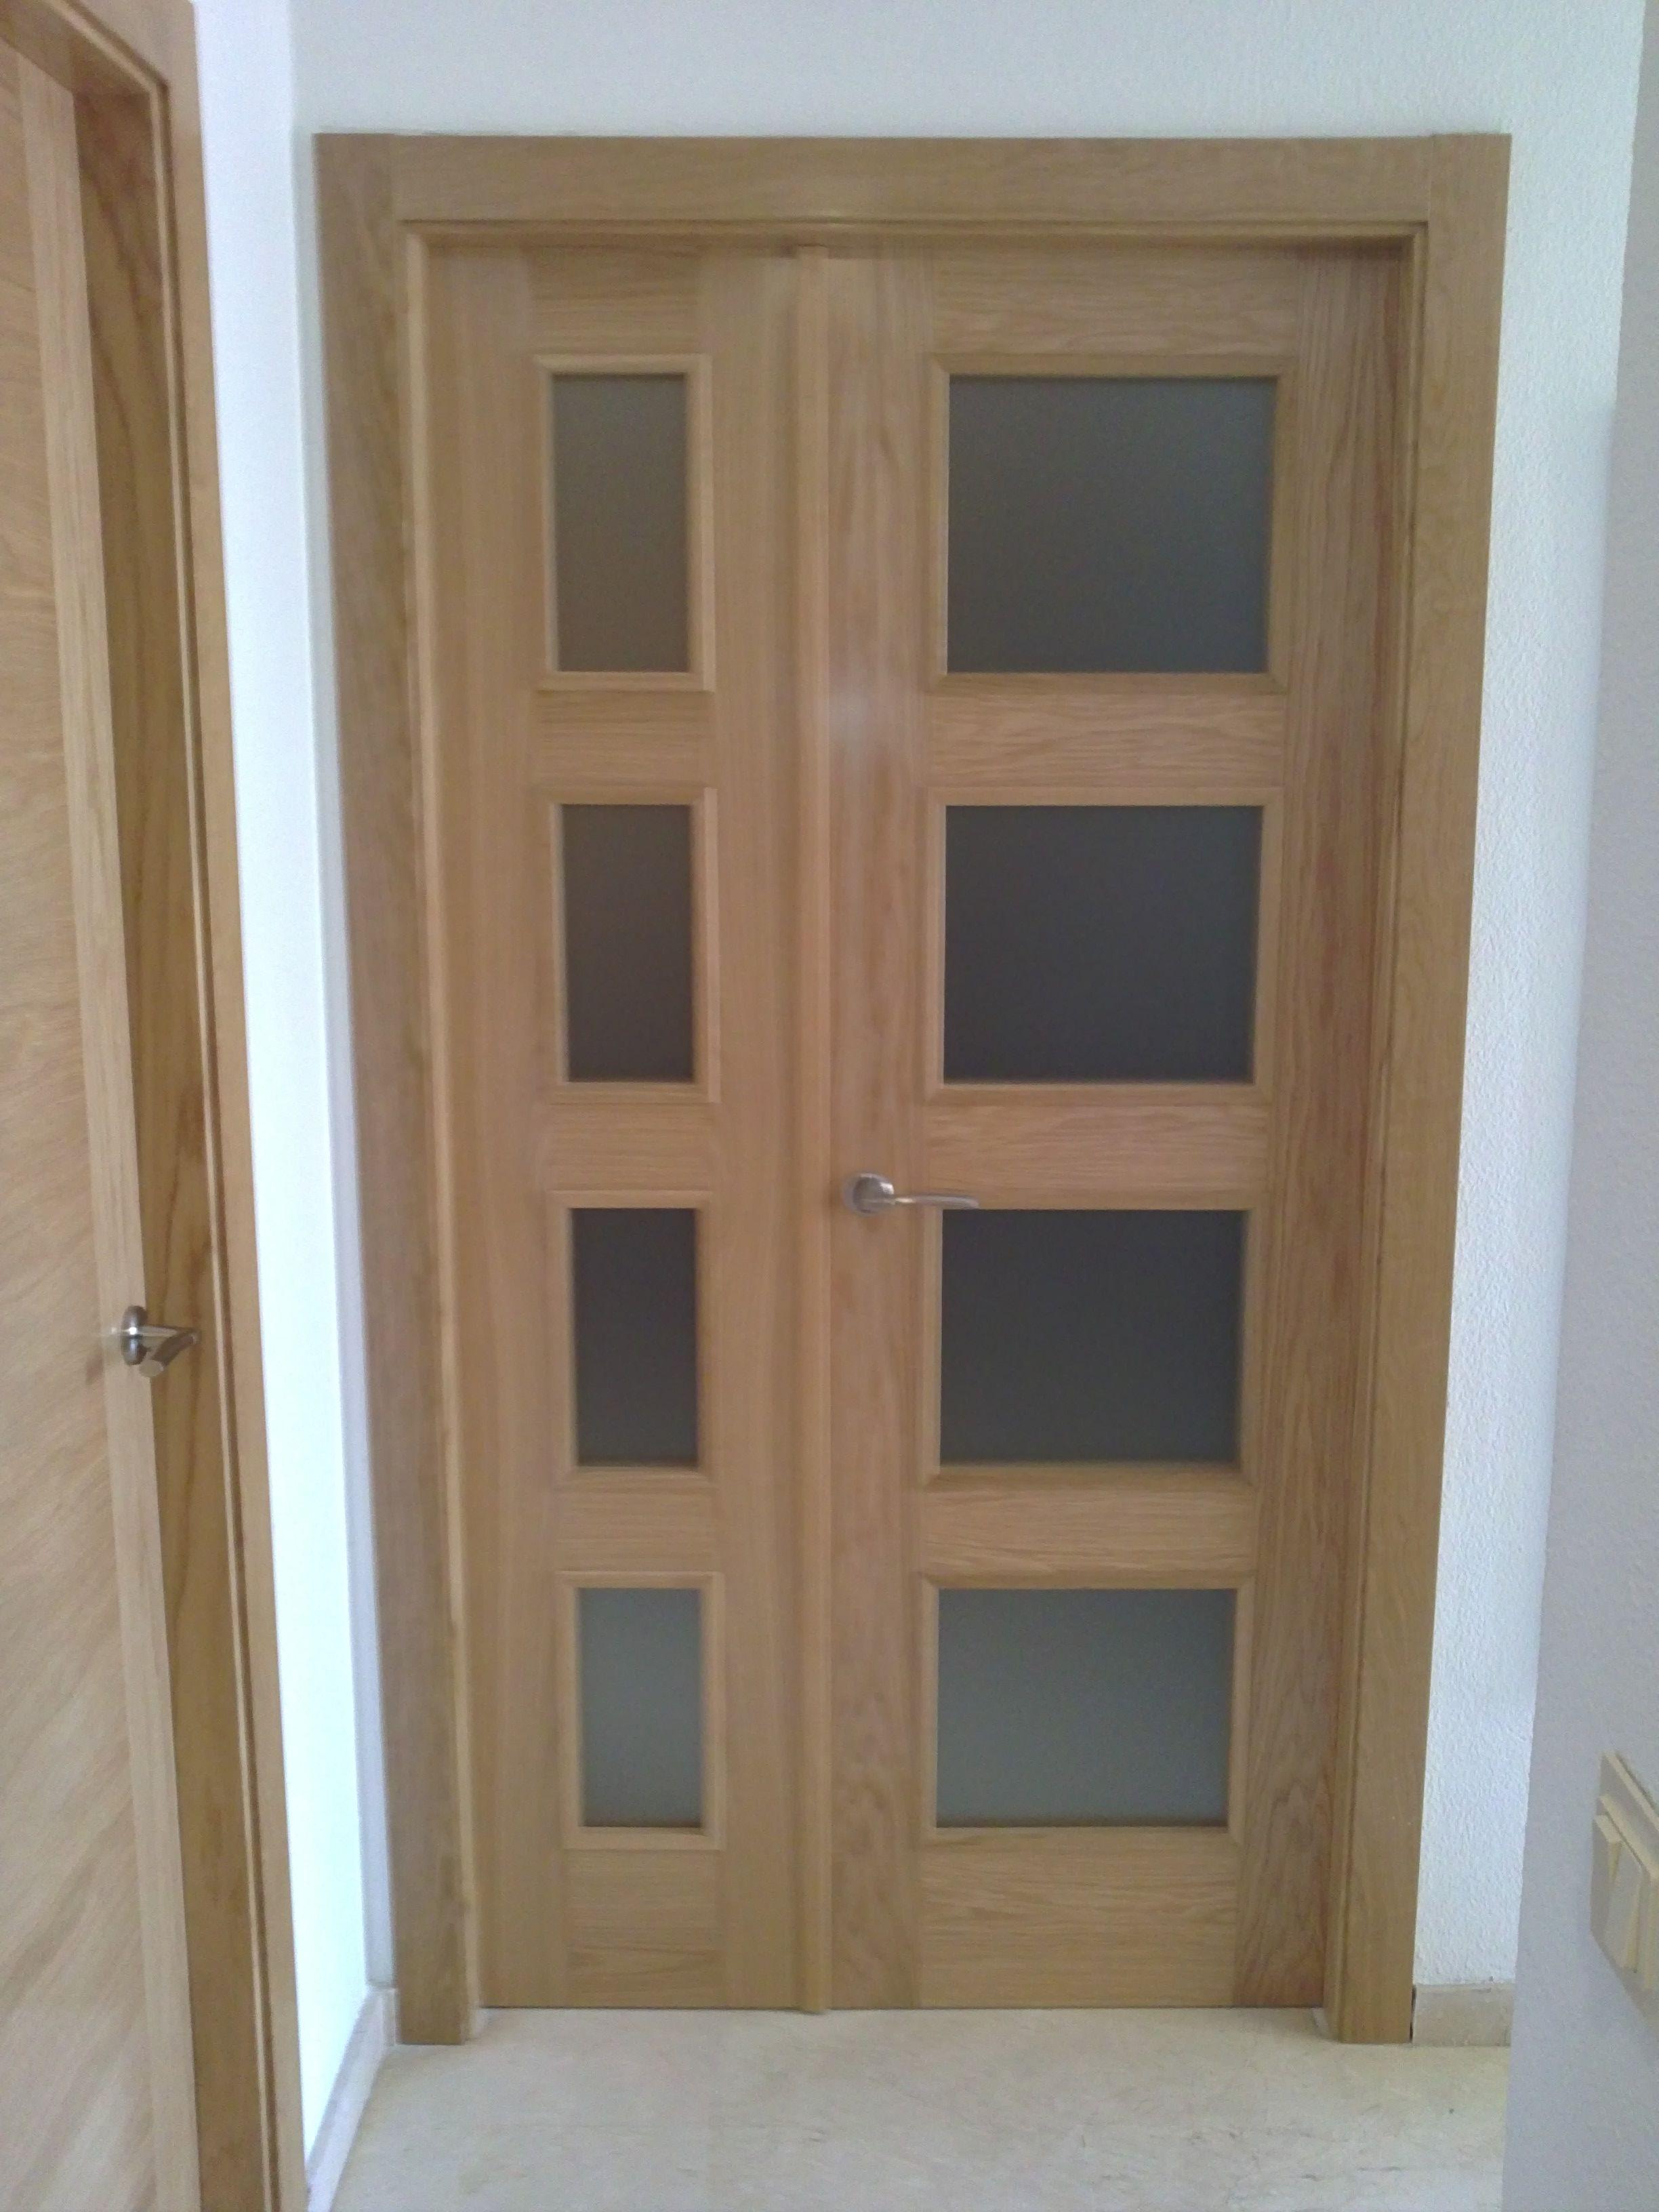 L60 roble doble con hoja fija y hoja abatible puertas - Puertas de roble ...